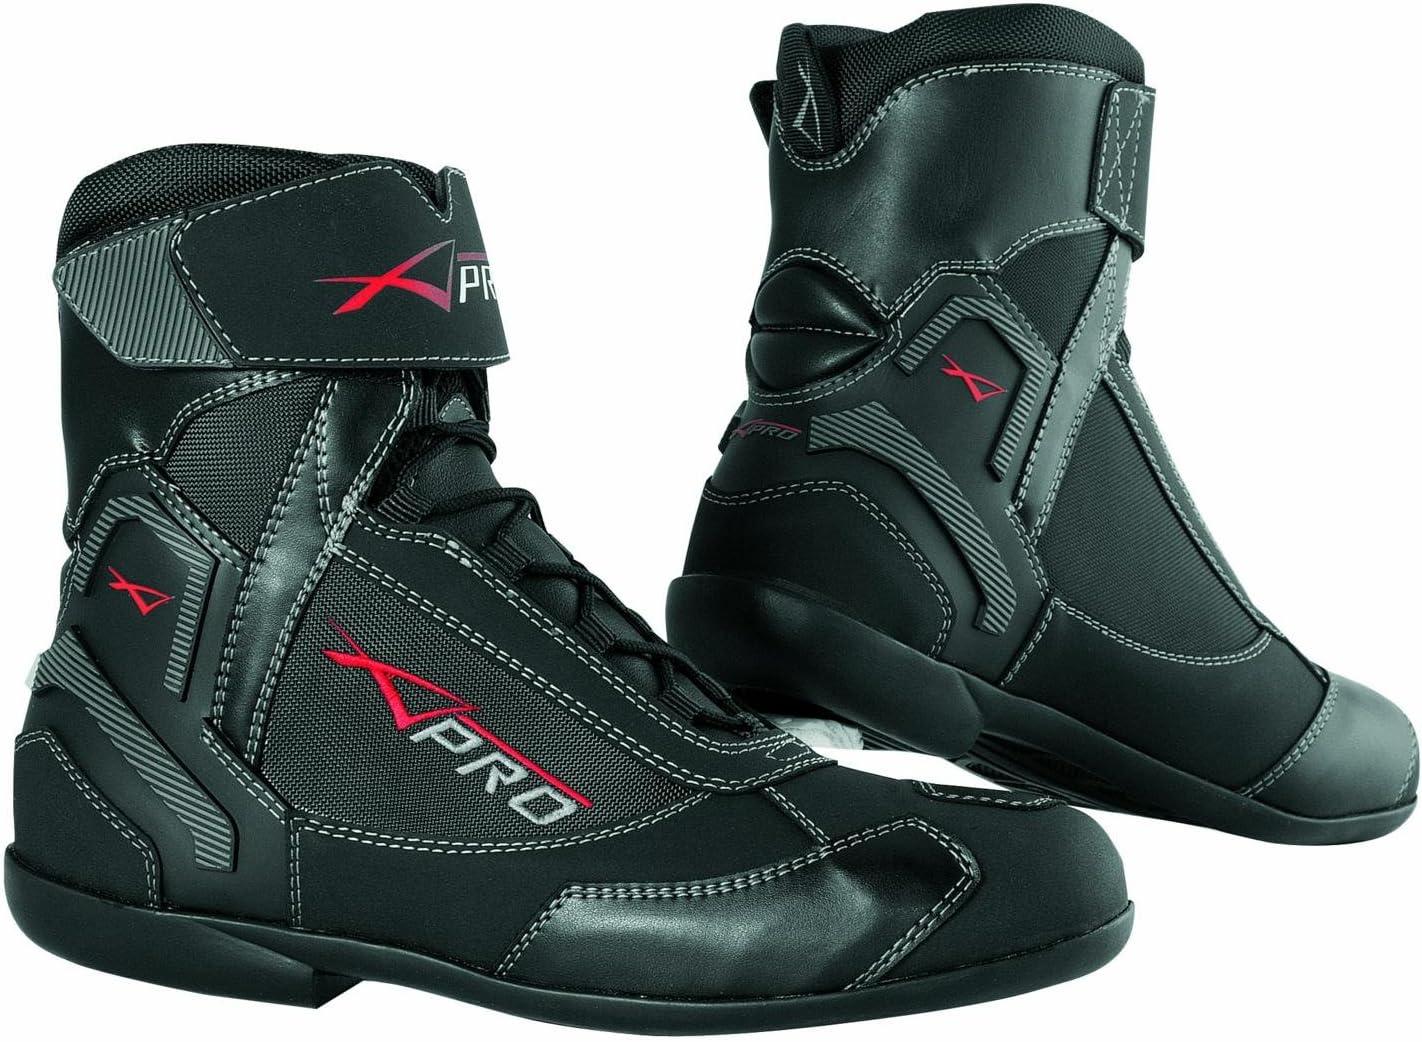 A-PRO wasserdichte Schuhe Motorrad Stiefel Sport Touring Roller Schwarz 42